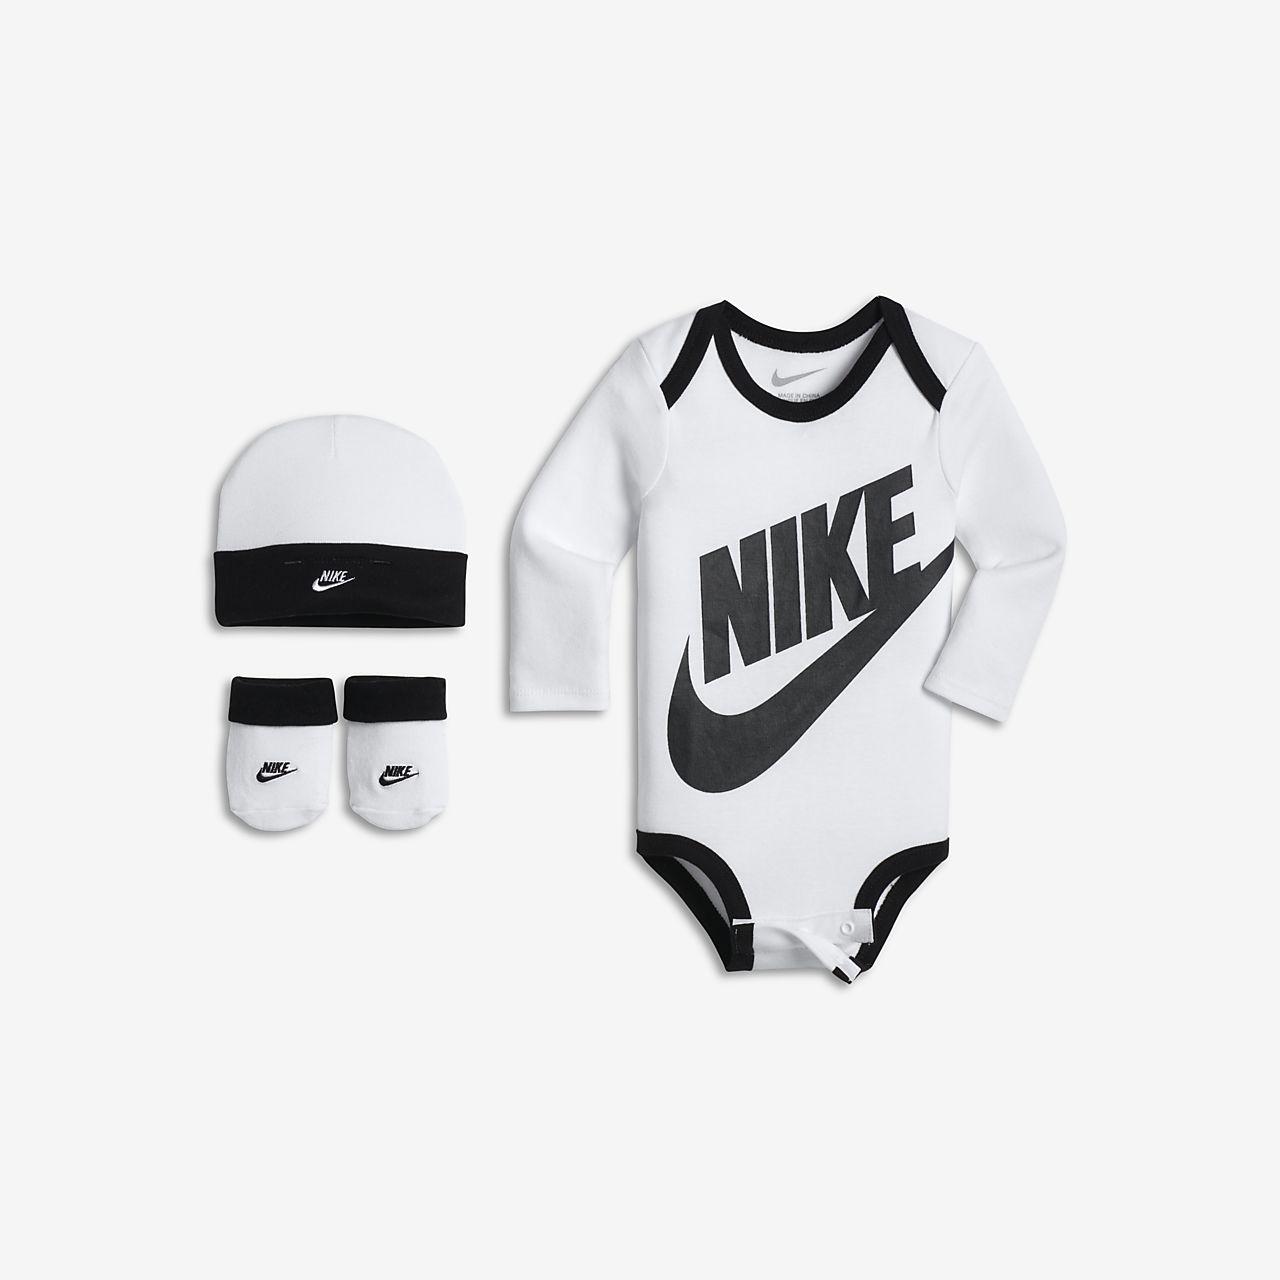 sale retailer f47a6 c4ec6 ... Tredelat set Nike Sportswear för baby